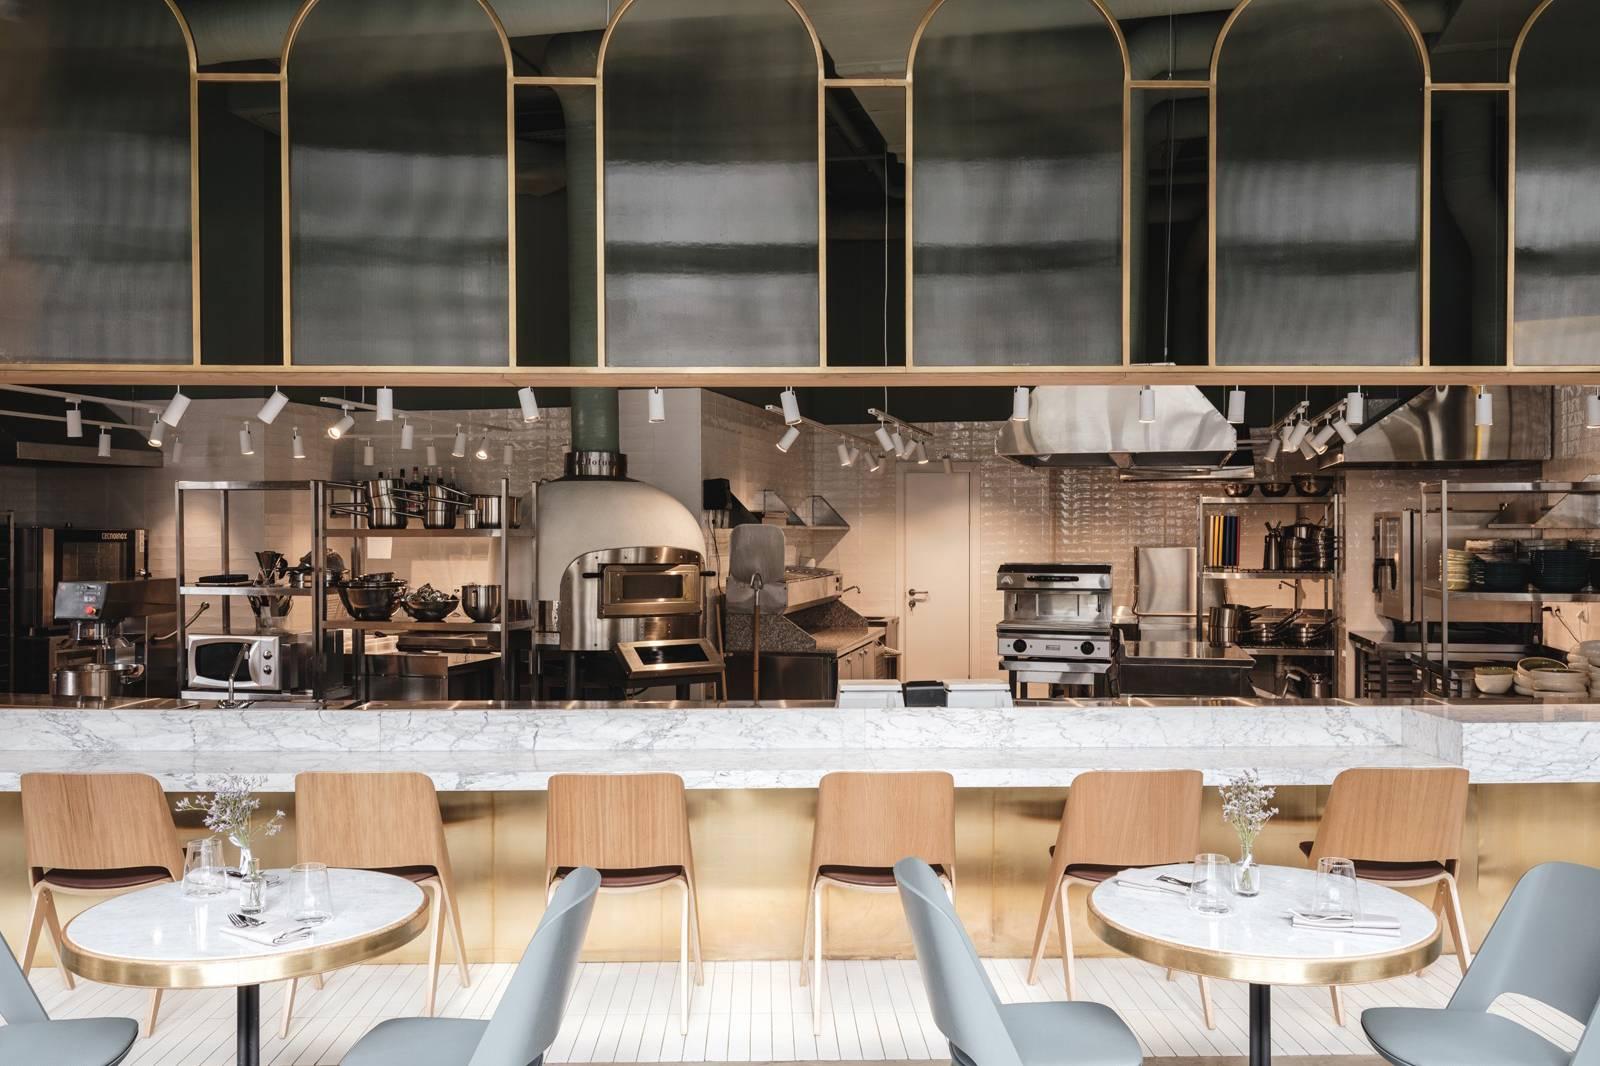 黄铜+天鹅绒,打造复古又优雅的精致餐厅!